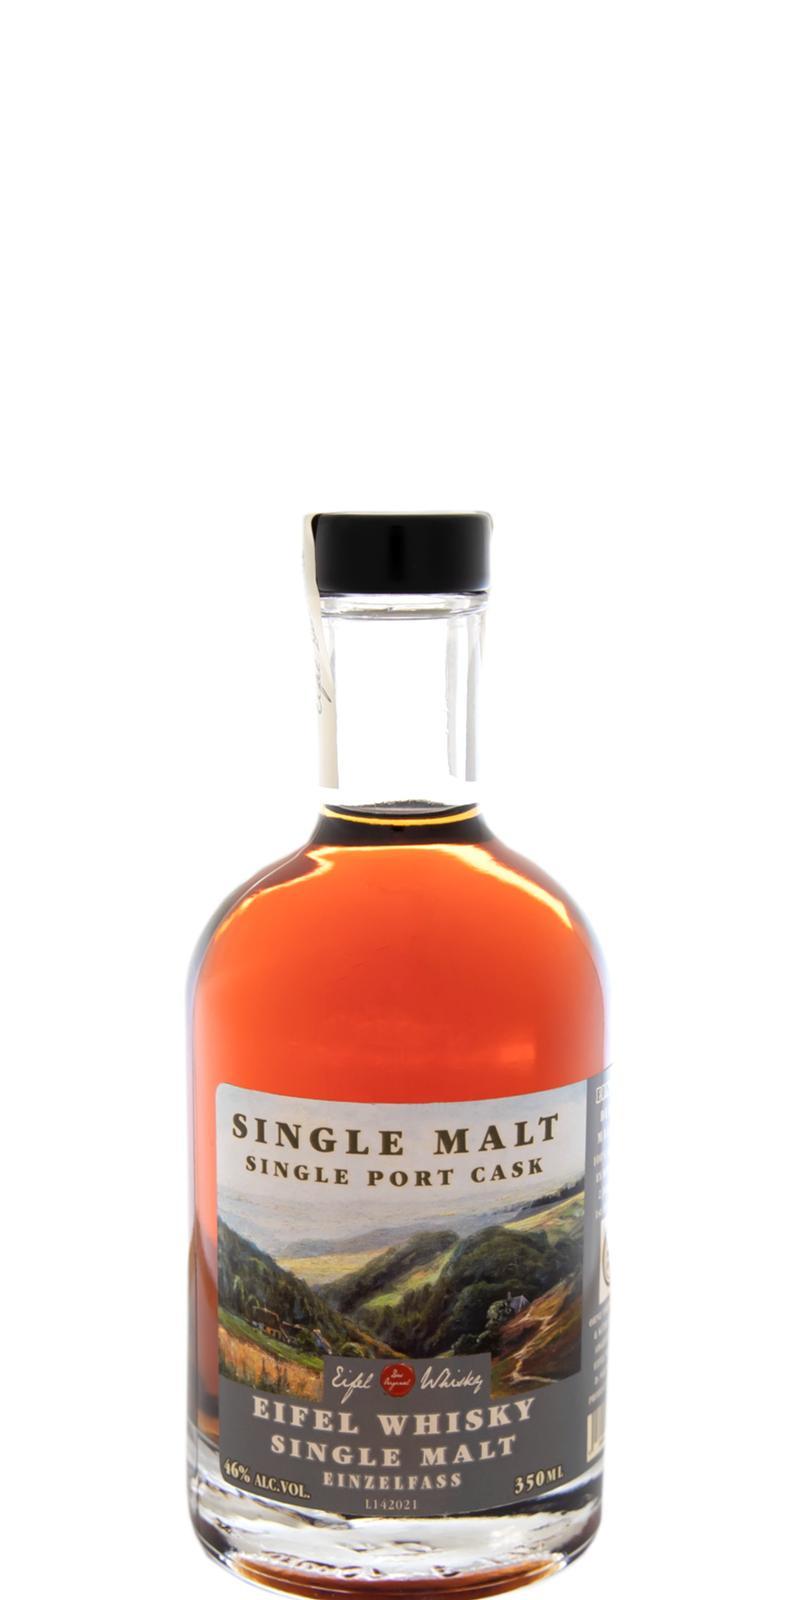 """Eifel Whisky 2013 Einzelfaß """"Single Malt"""""""